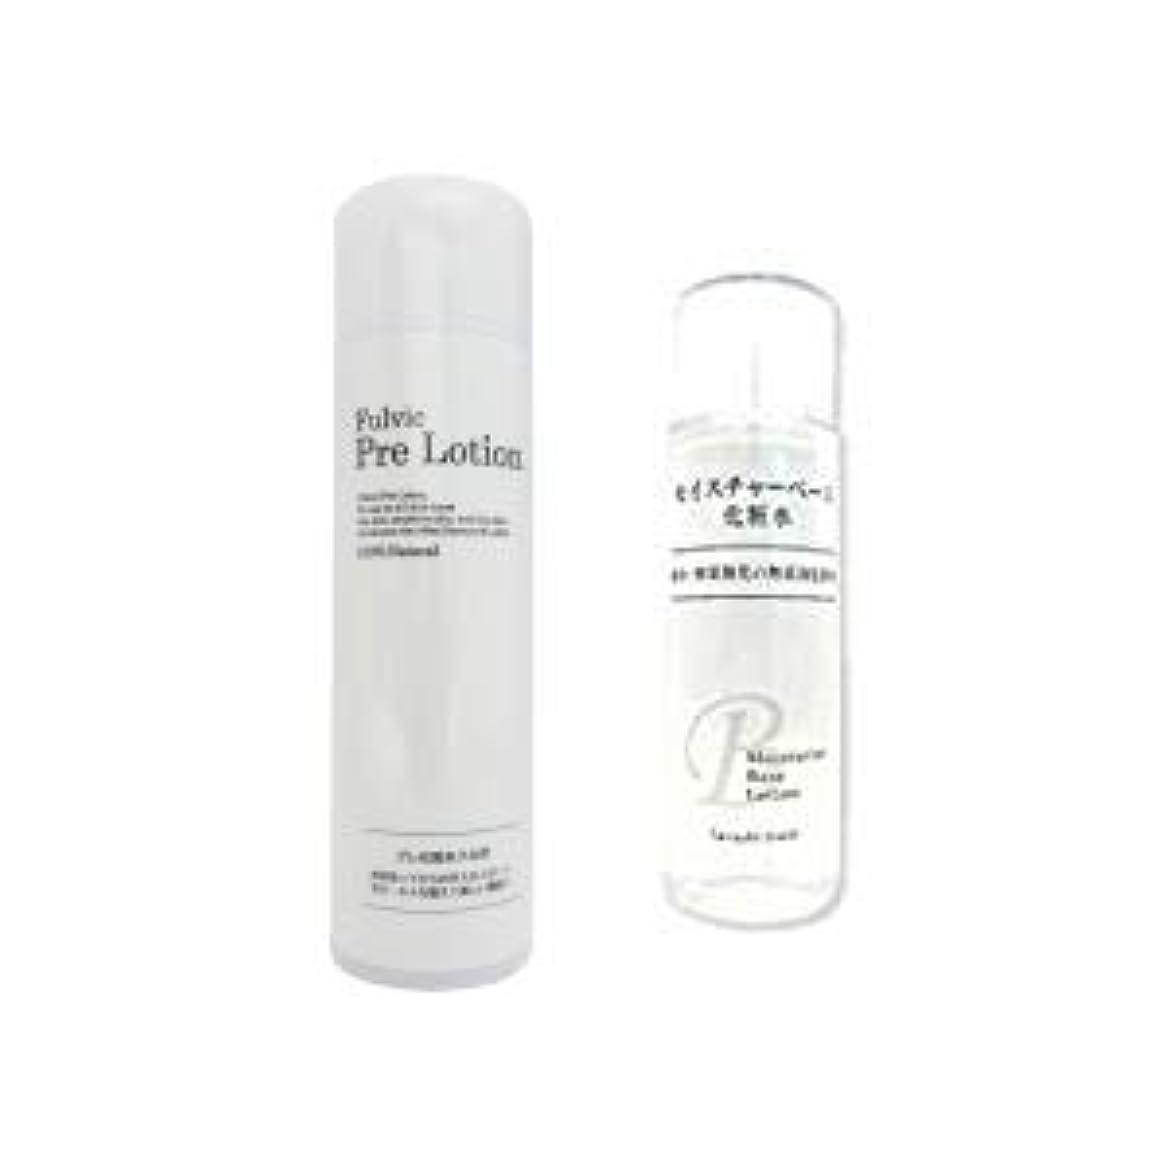 覆す盆白いプレ化粧水フルボ200ml+モイスチャーベース化粧水125mlセット 無添加ふき取り?保湿化粧水セット